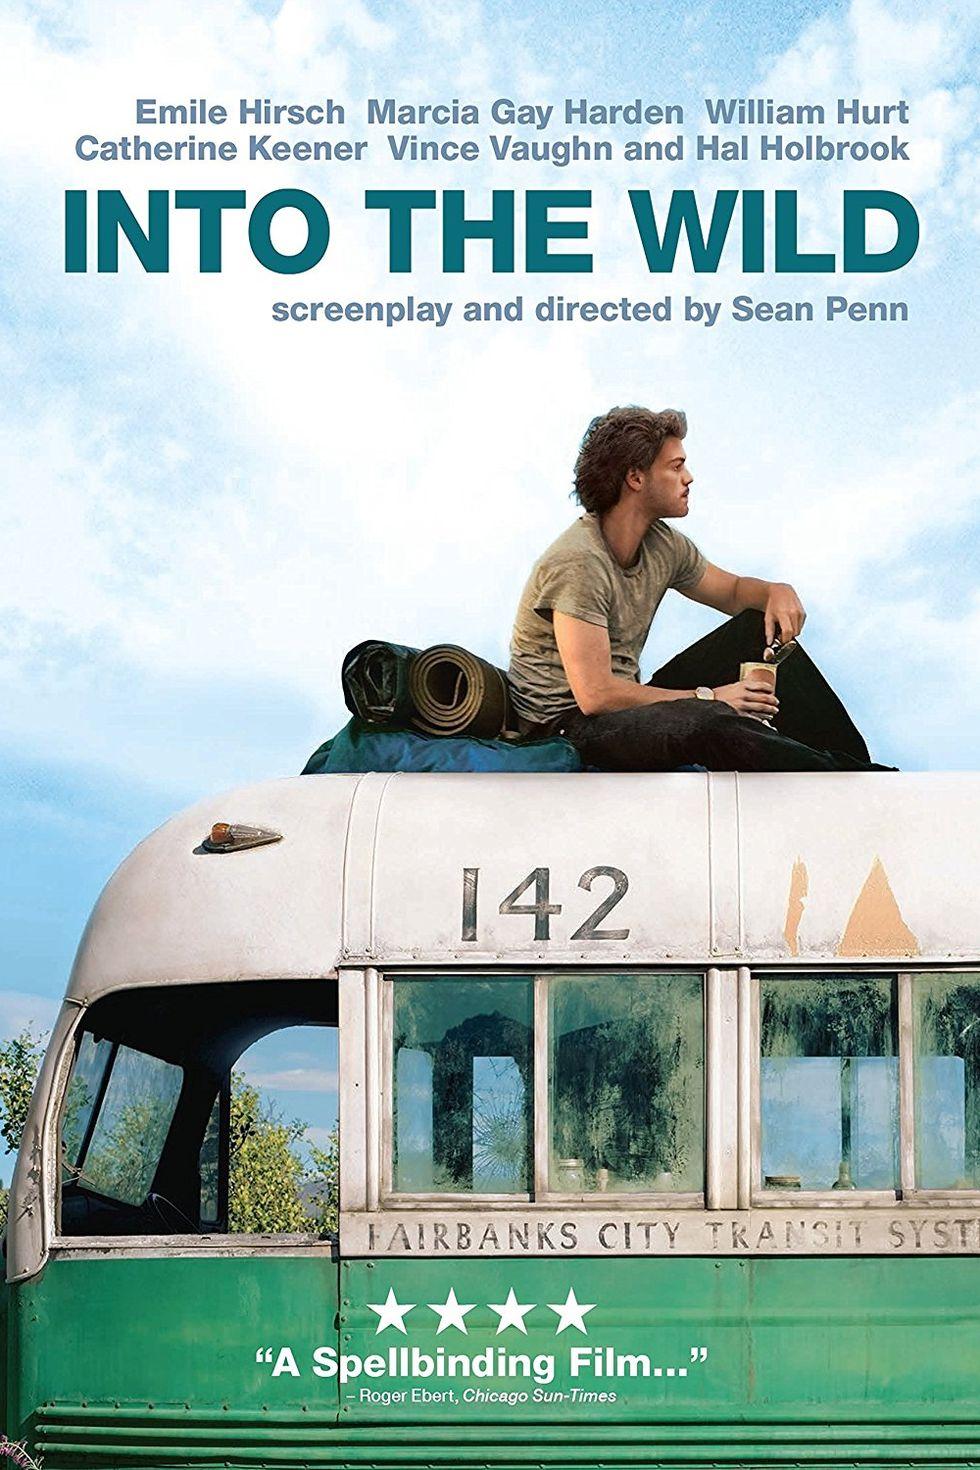 """""""Сред дивата природа"""" (2007) Уникален филм, направен по книгата на Джон Краукауер. Главният герой - Кристофър Маккендълс – завършва престижен университет в Атланта, но отвратен от властващия в САЩ материализъм, решава да напусне т.нар. цивилизован свят и да живее в дивата Аляска."""